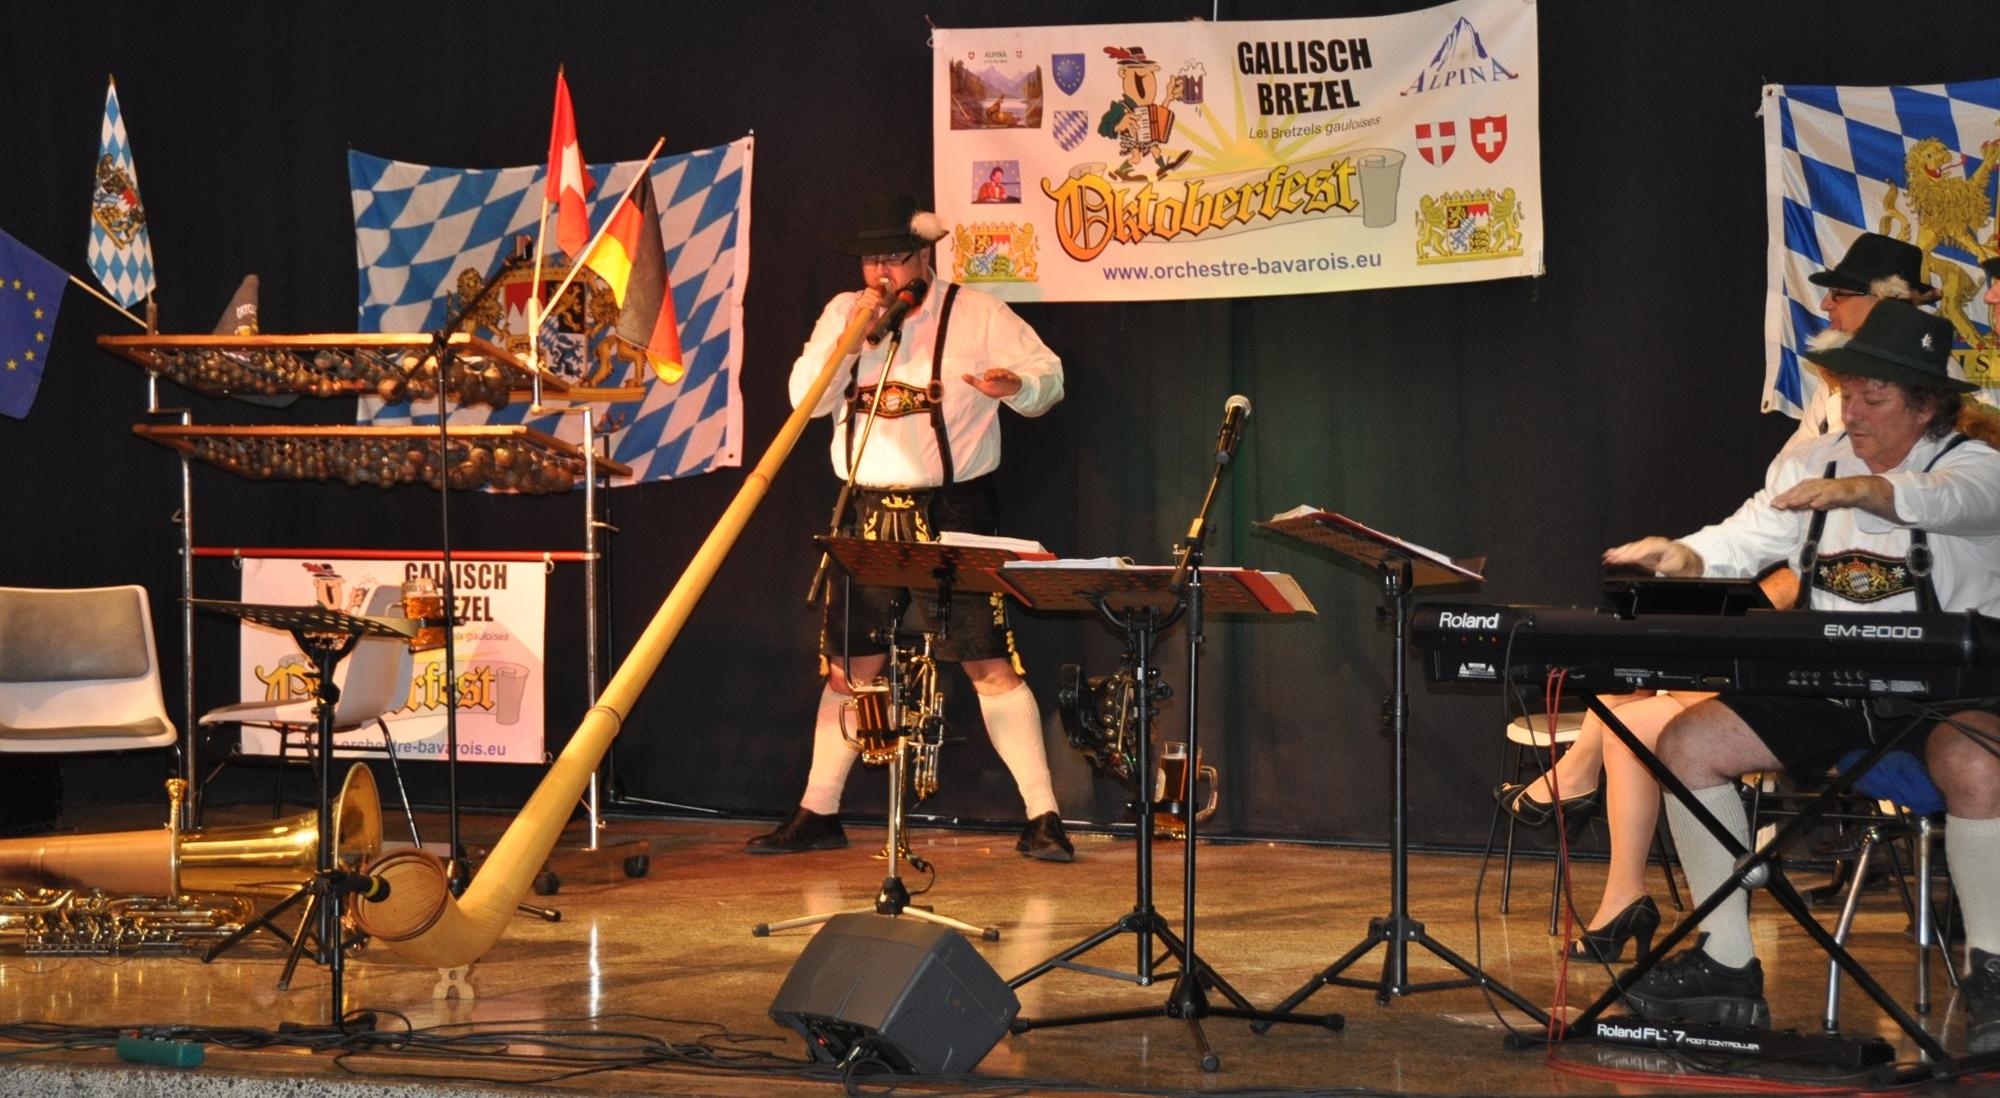 Garancières 78-2010-soirée bavaroise 3